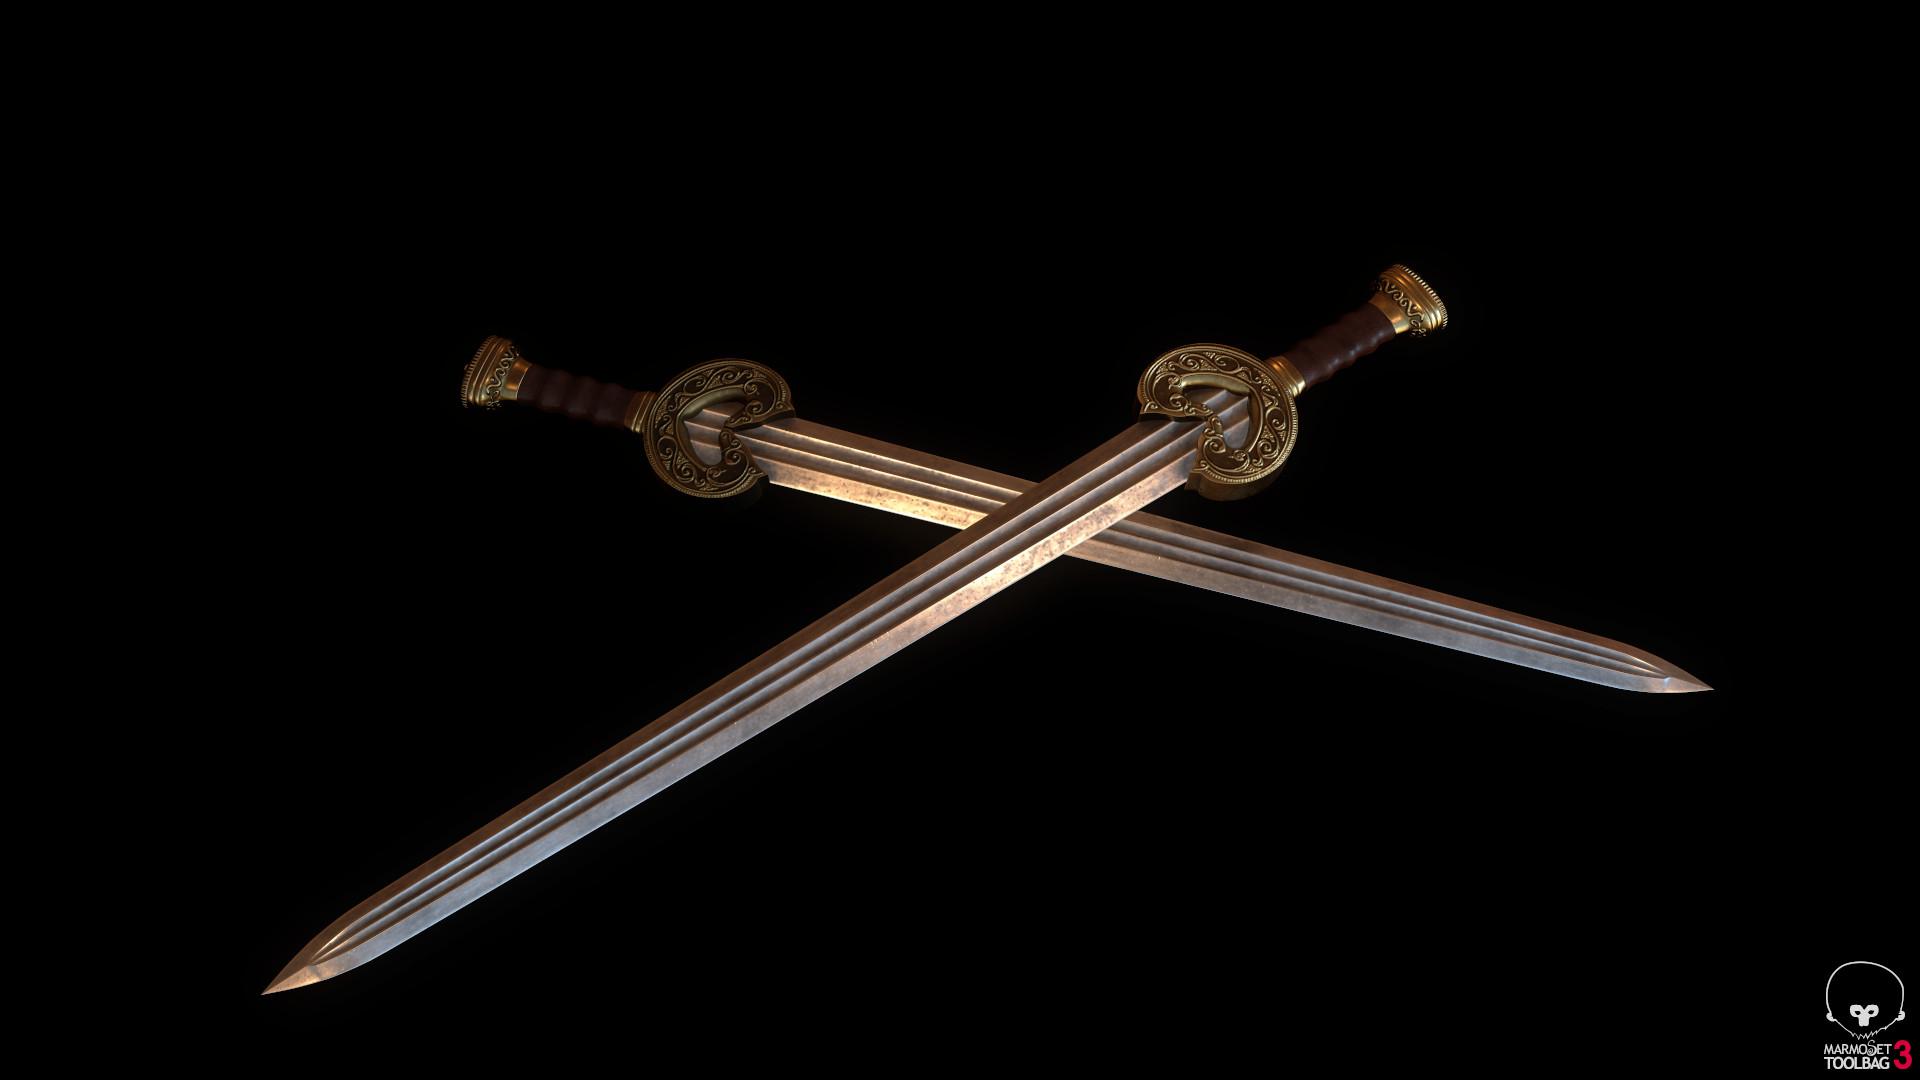 Bela csampai s4h herugrim sword preview mt 02